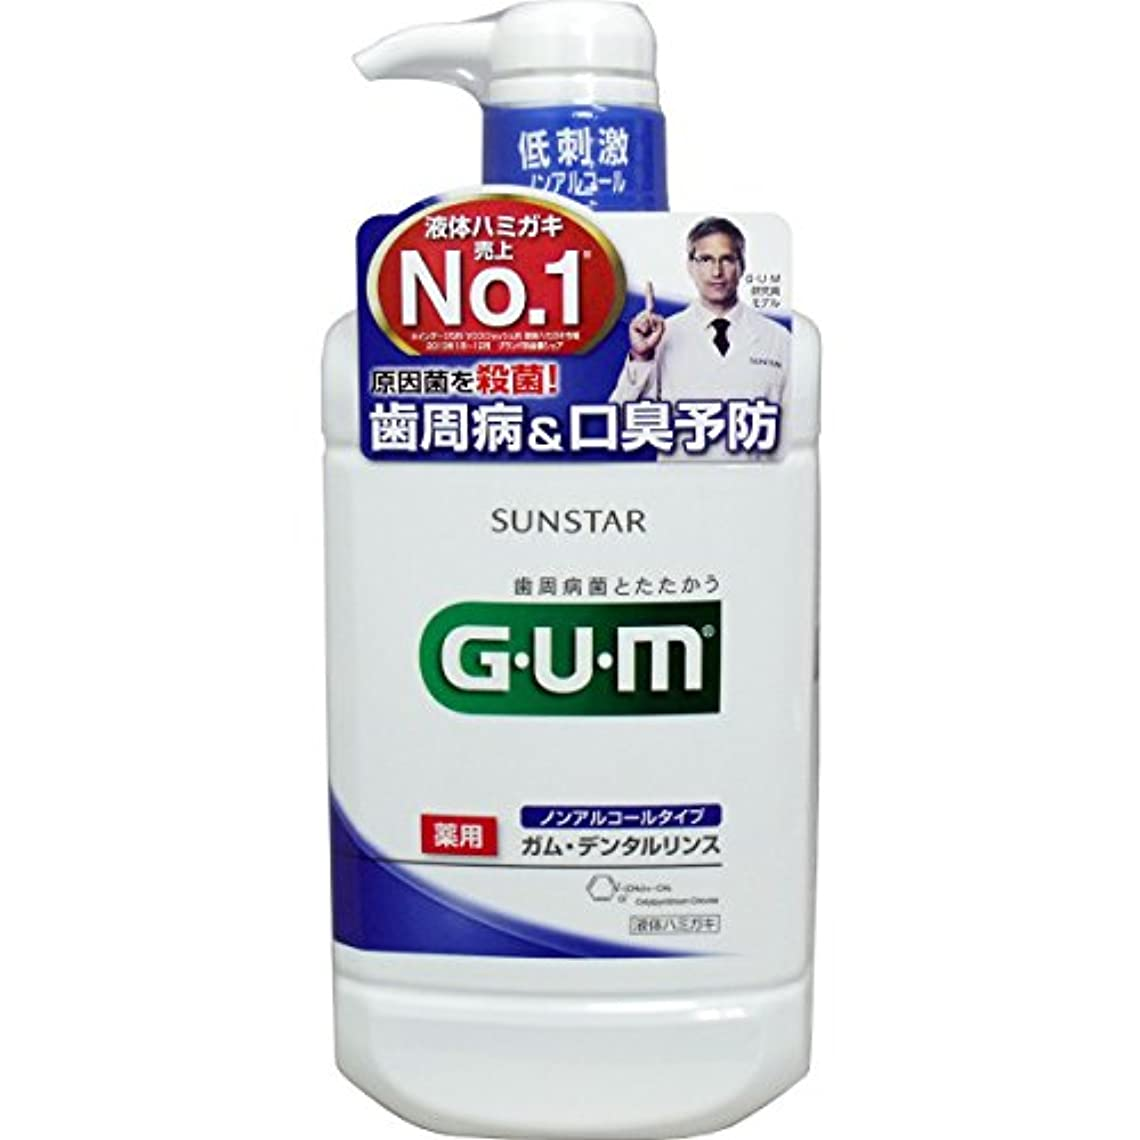 歯周病予防 デンタルリンス ハグキの炎症を防ぐ 便利 GUM ガム?デンタルリンス 薬用 ノンアルコールタイプ 960mL【4個セット】